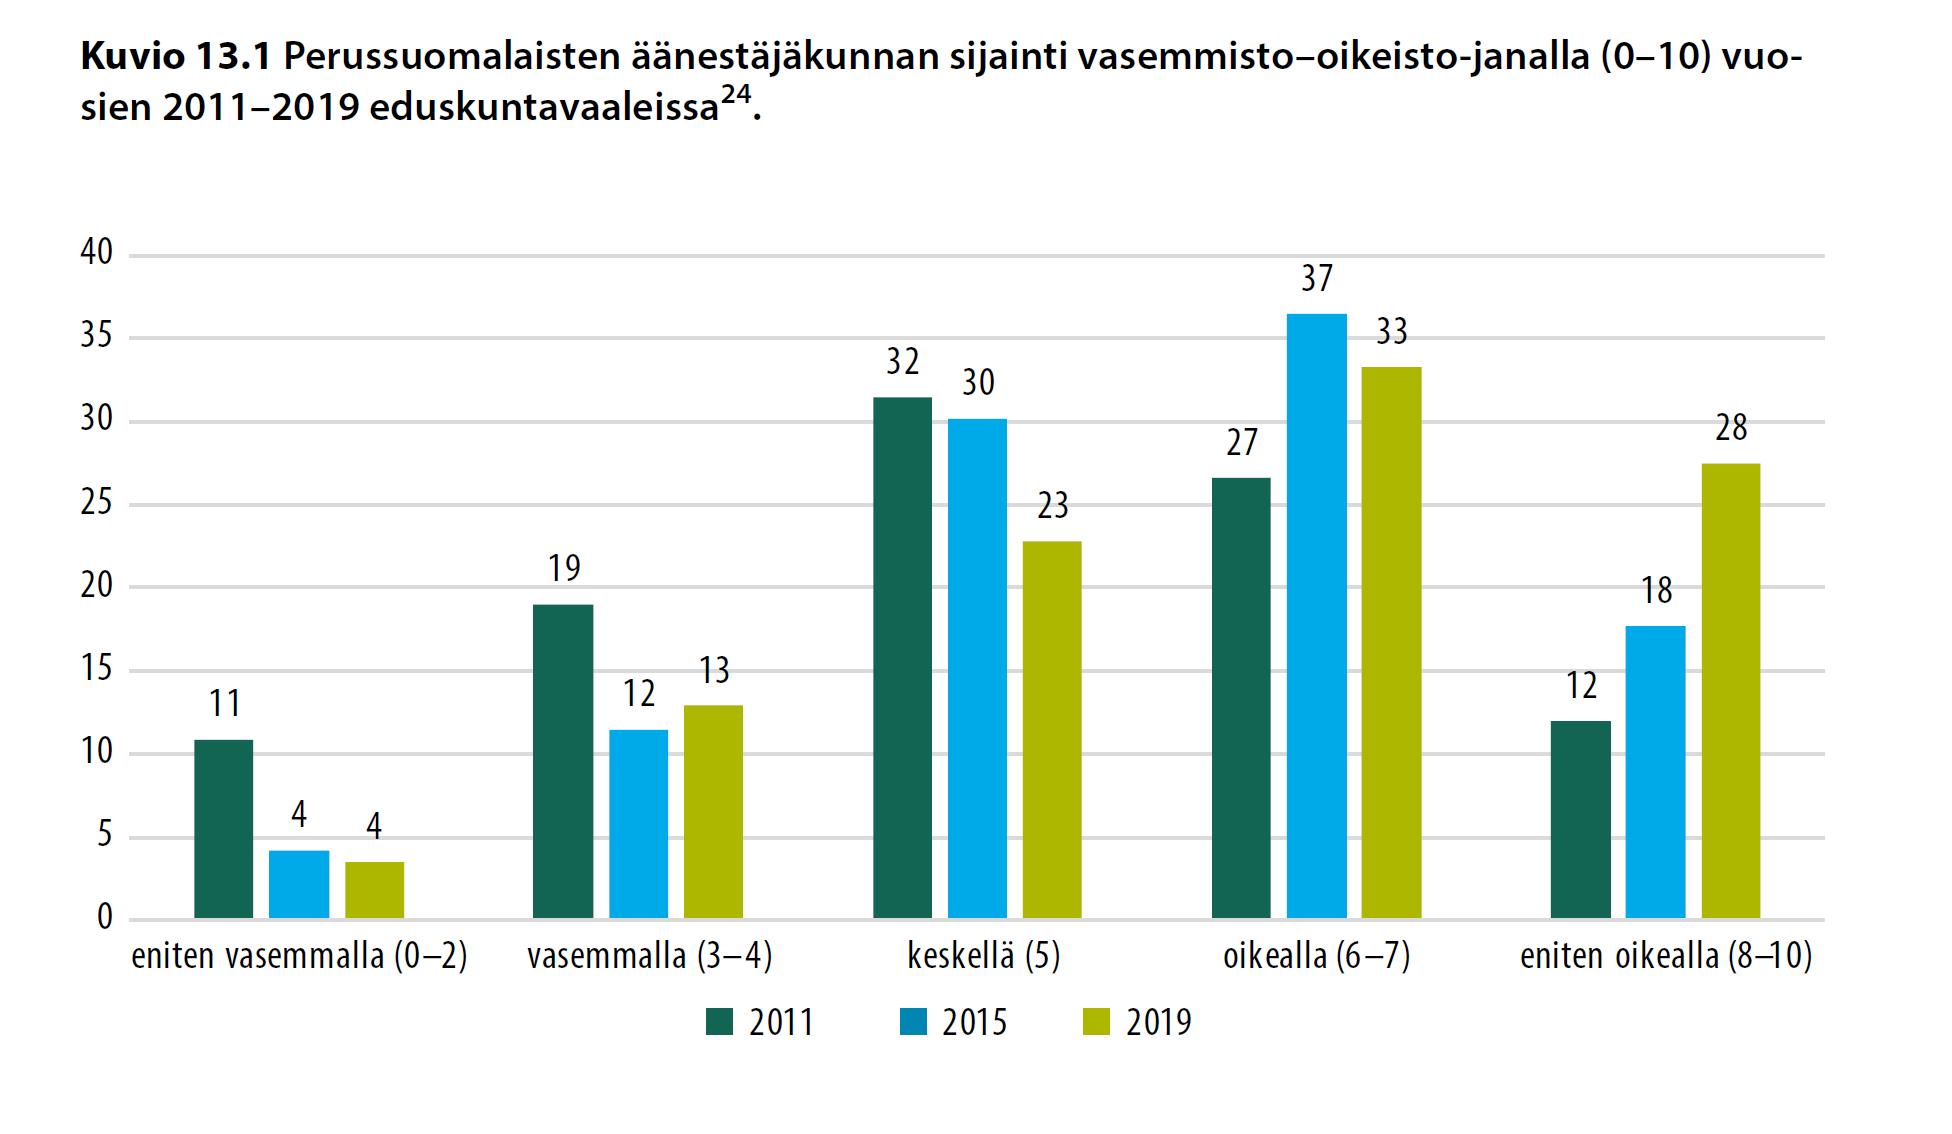 Perussuomalaisten äänestäjäkunnan sijainti vasemmisto–oikeisto-janalla (0–10) vuosien 2011–2019 eduskuntavaaleissa (%).